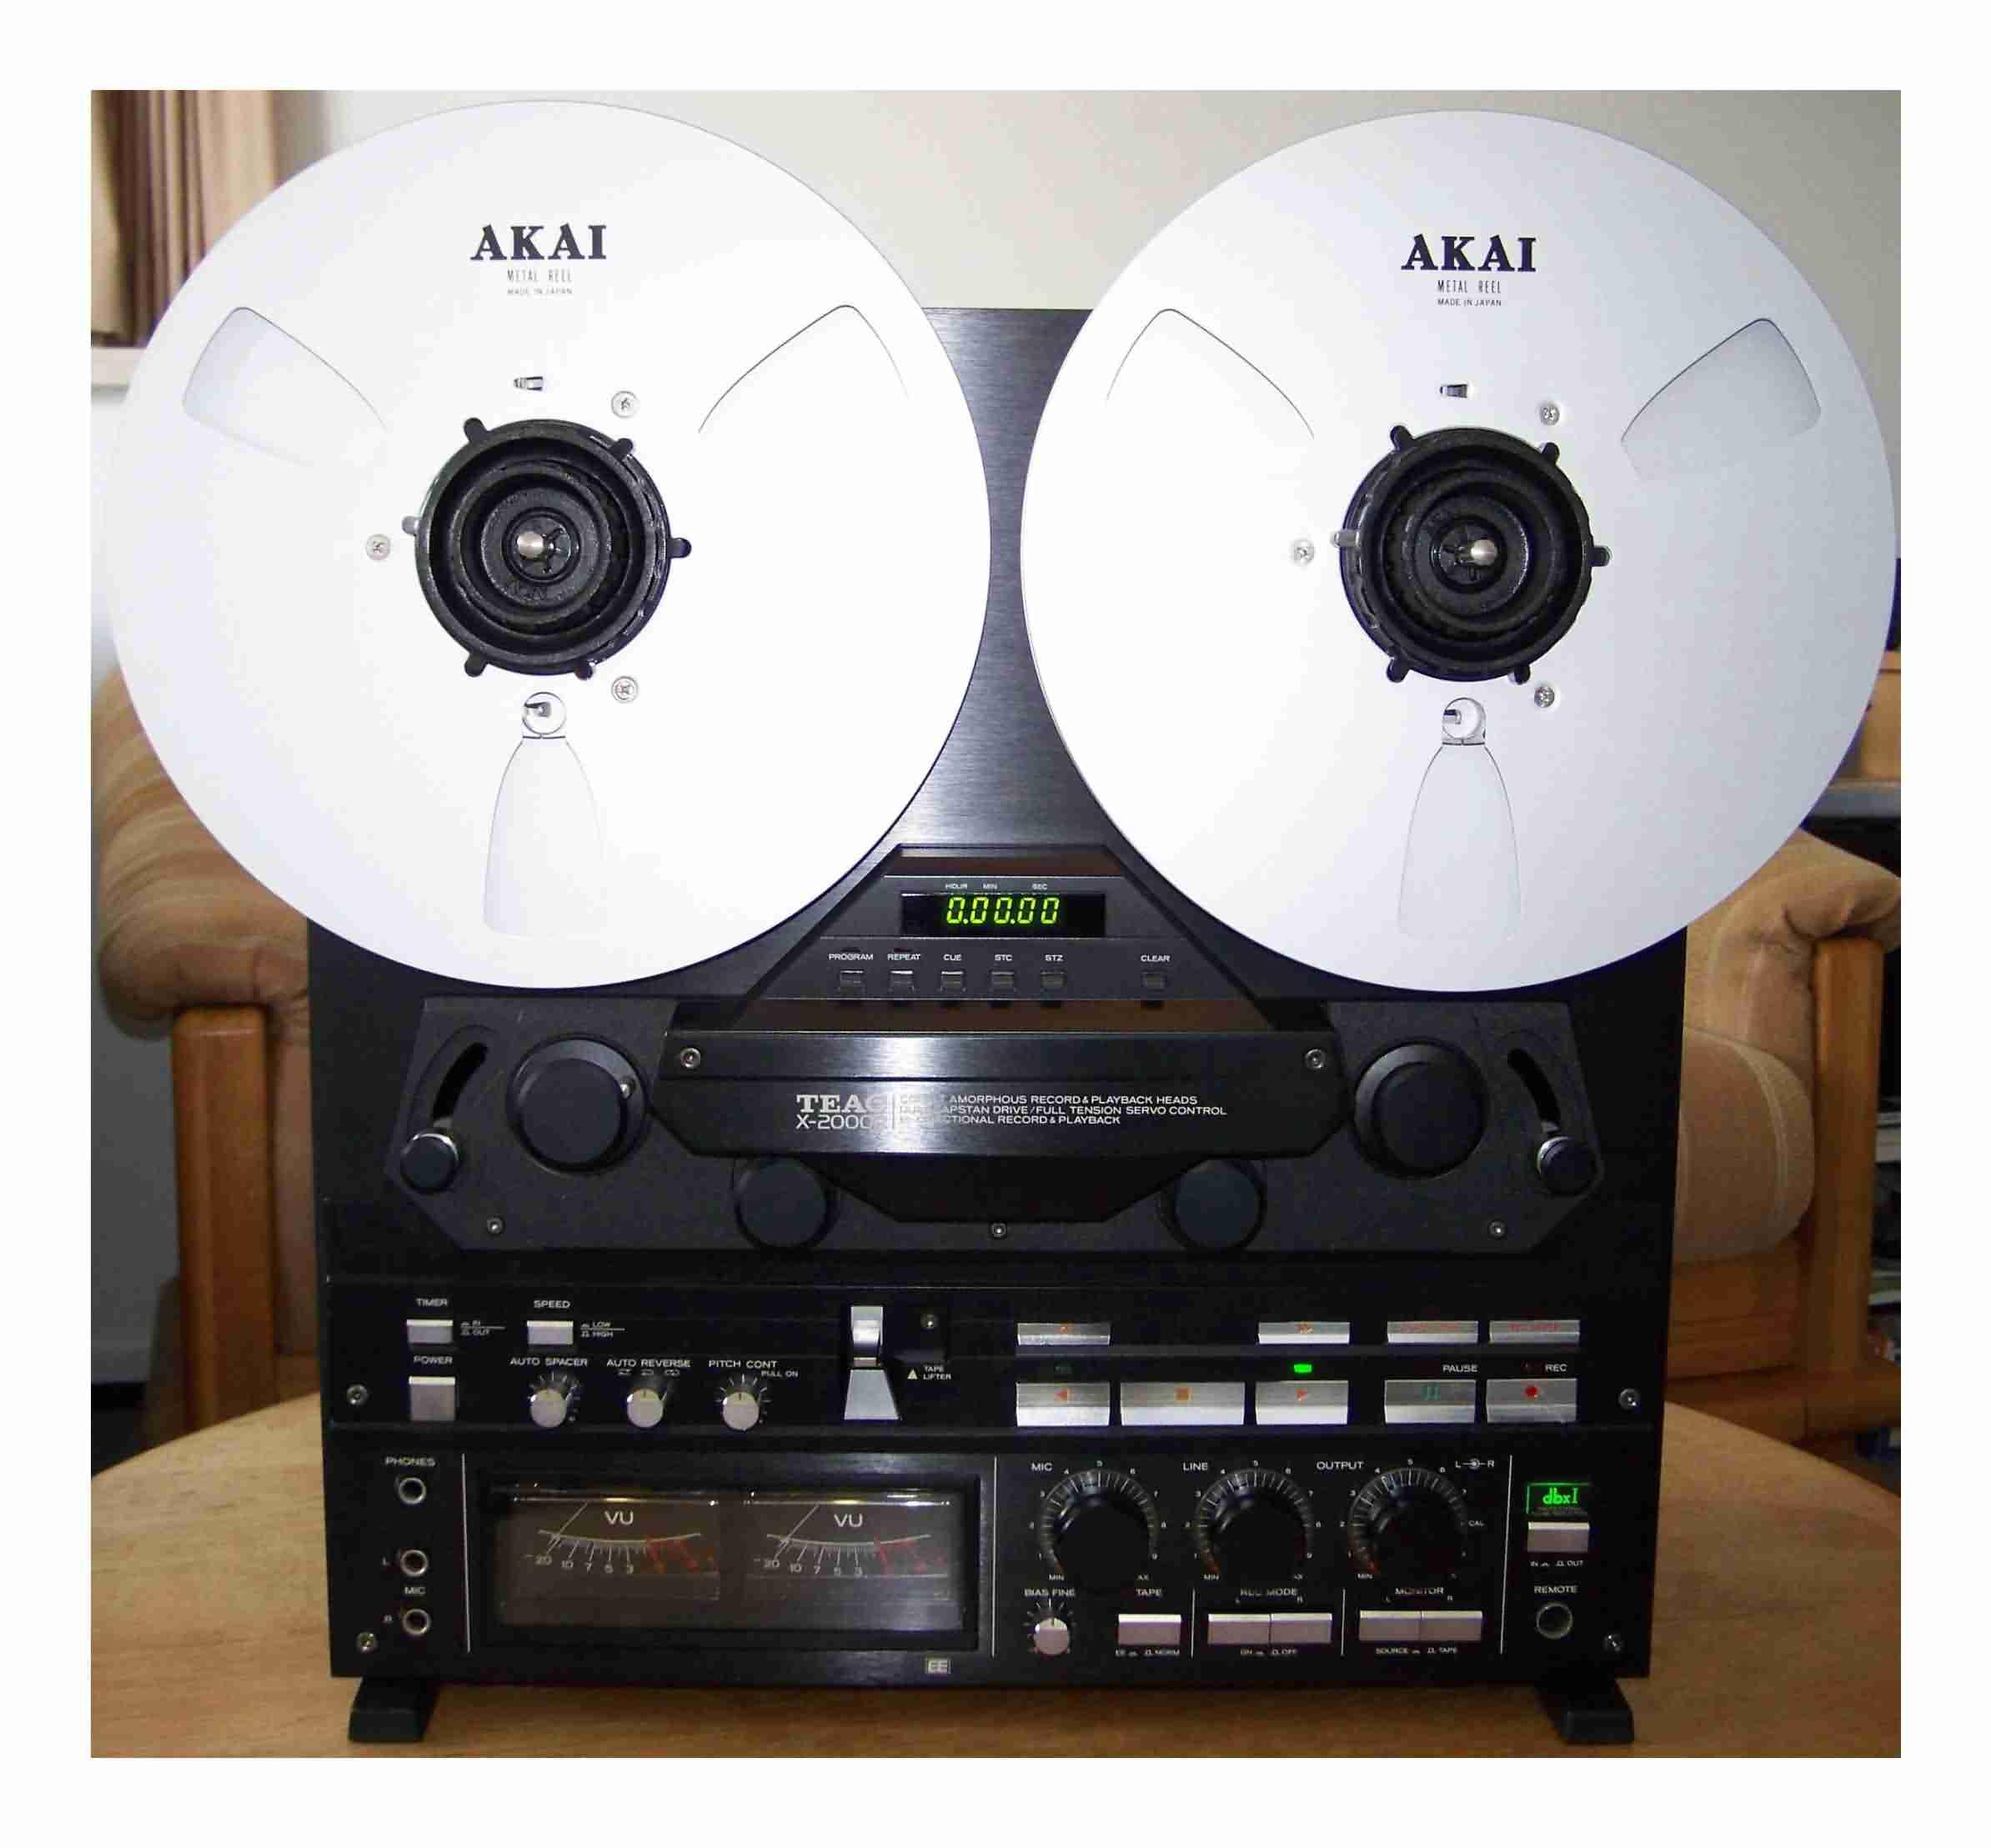 Teac X-2000 3 3R 7 7R 10 10R 300 300R 700 700R 1000 1000M 1000R 2000M 2000R